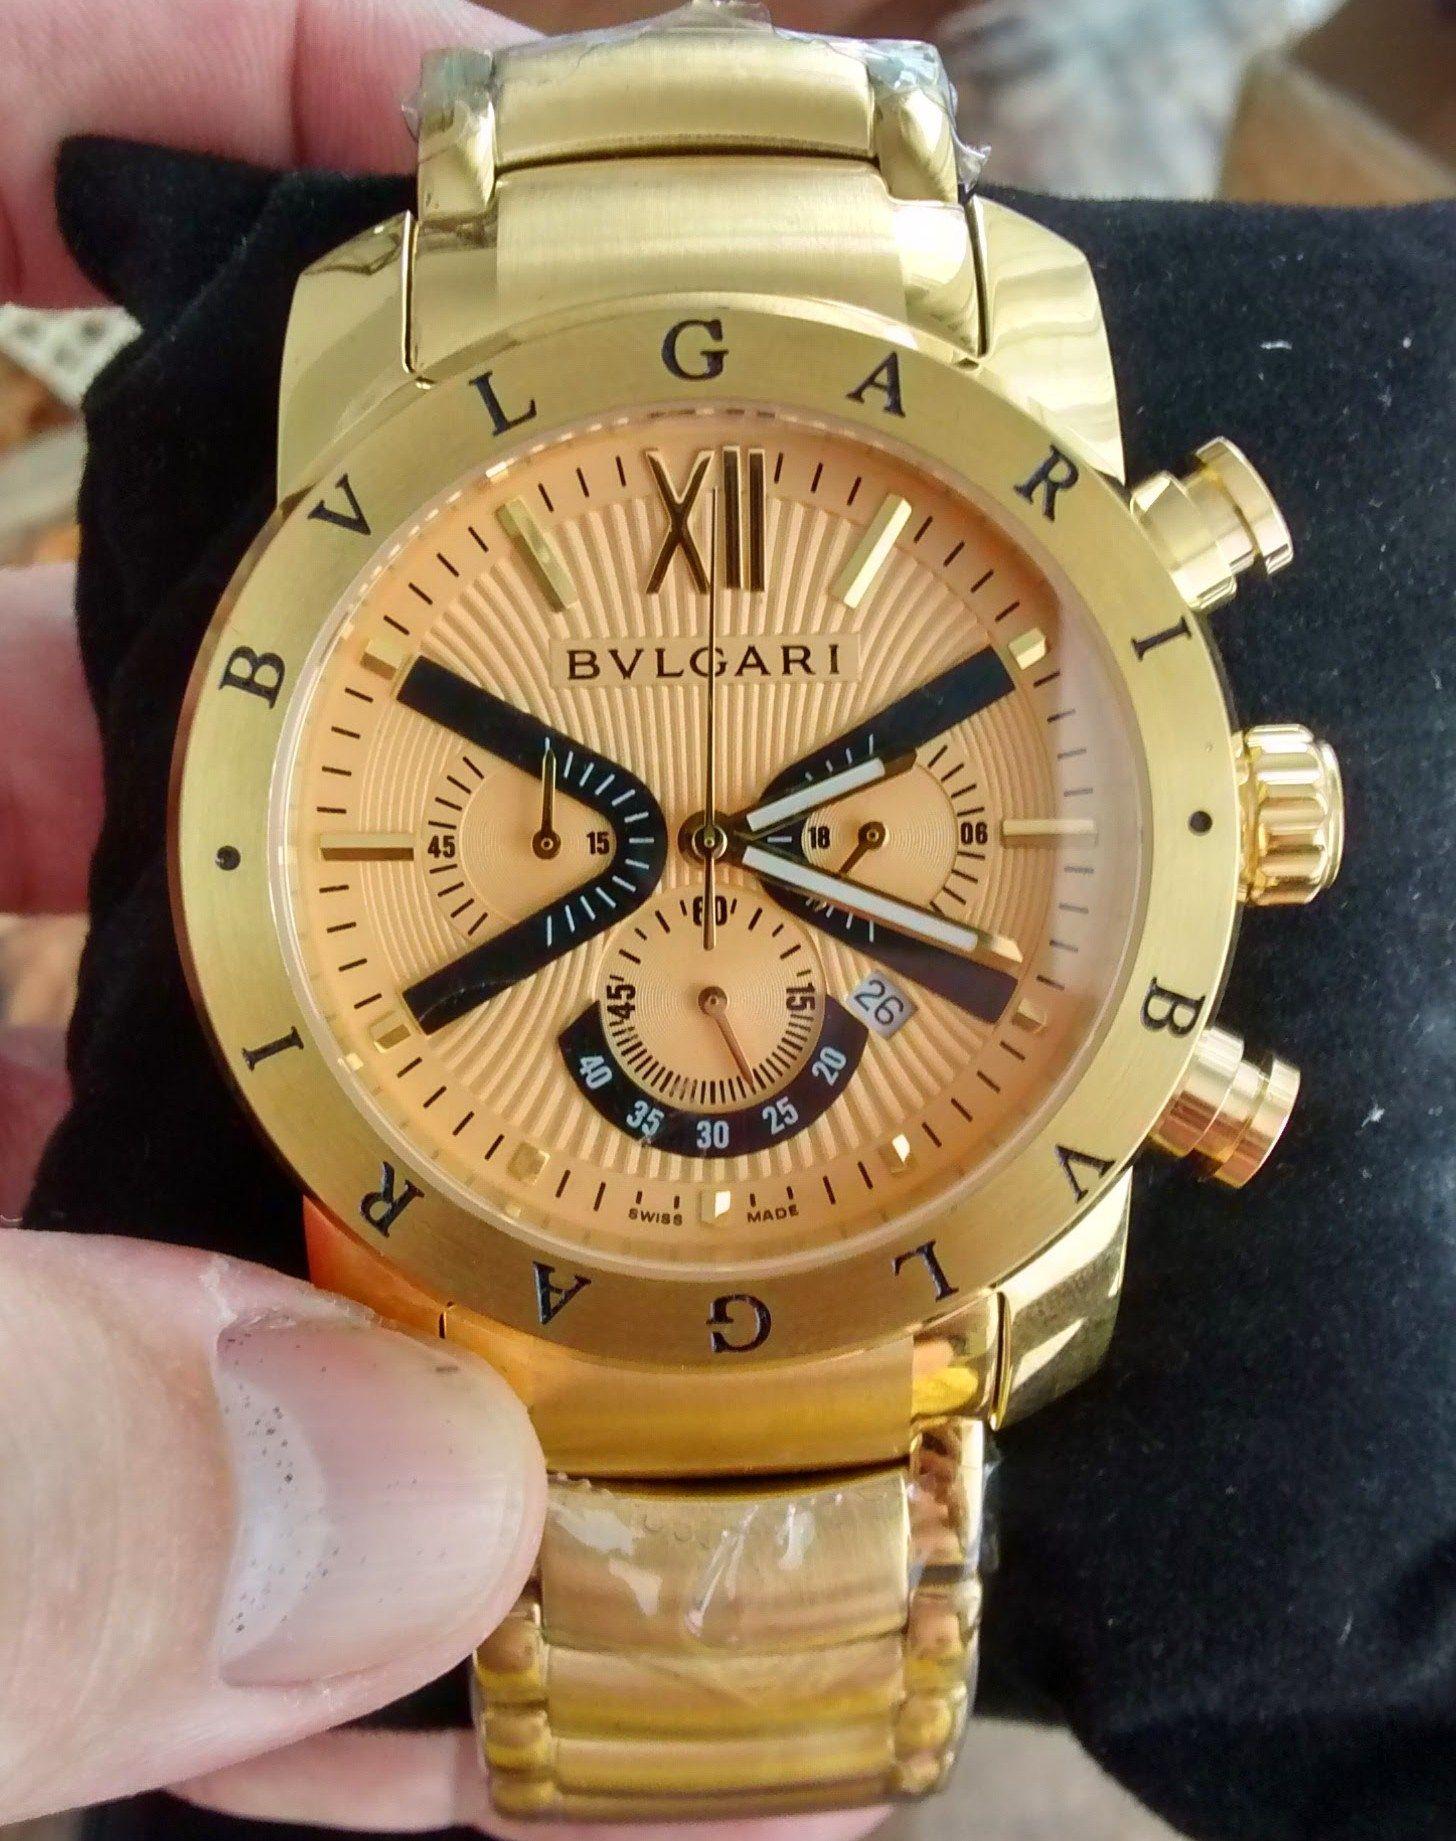 af0e56bba9d Lindo Relógio Bvlgari Dourado Modelo Iron Man ( Homen de Ferro ) Acesse  www.w3shopimport.com e compre o seu.  bvlgari  bvlgari ironman  relogios ...